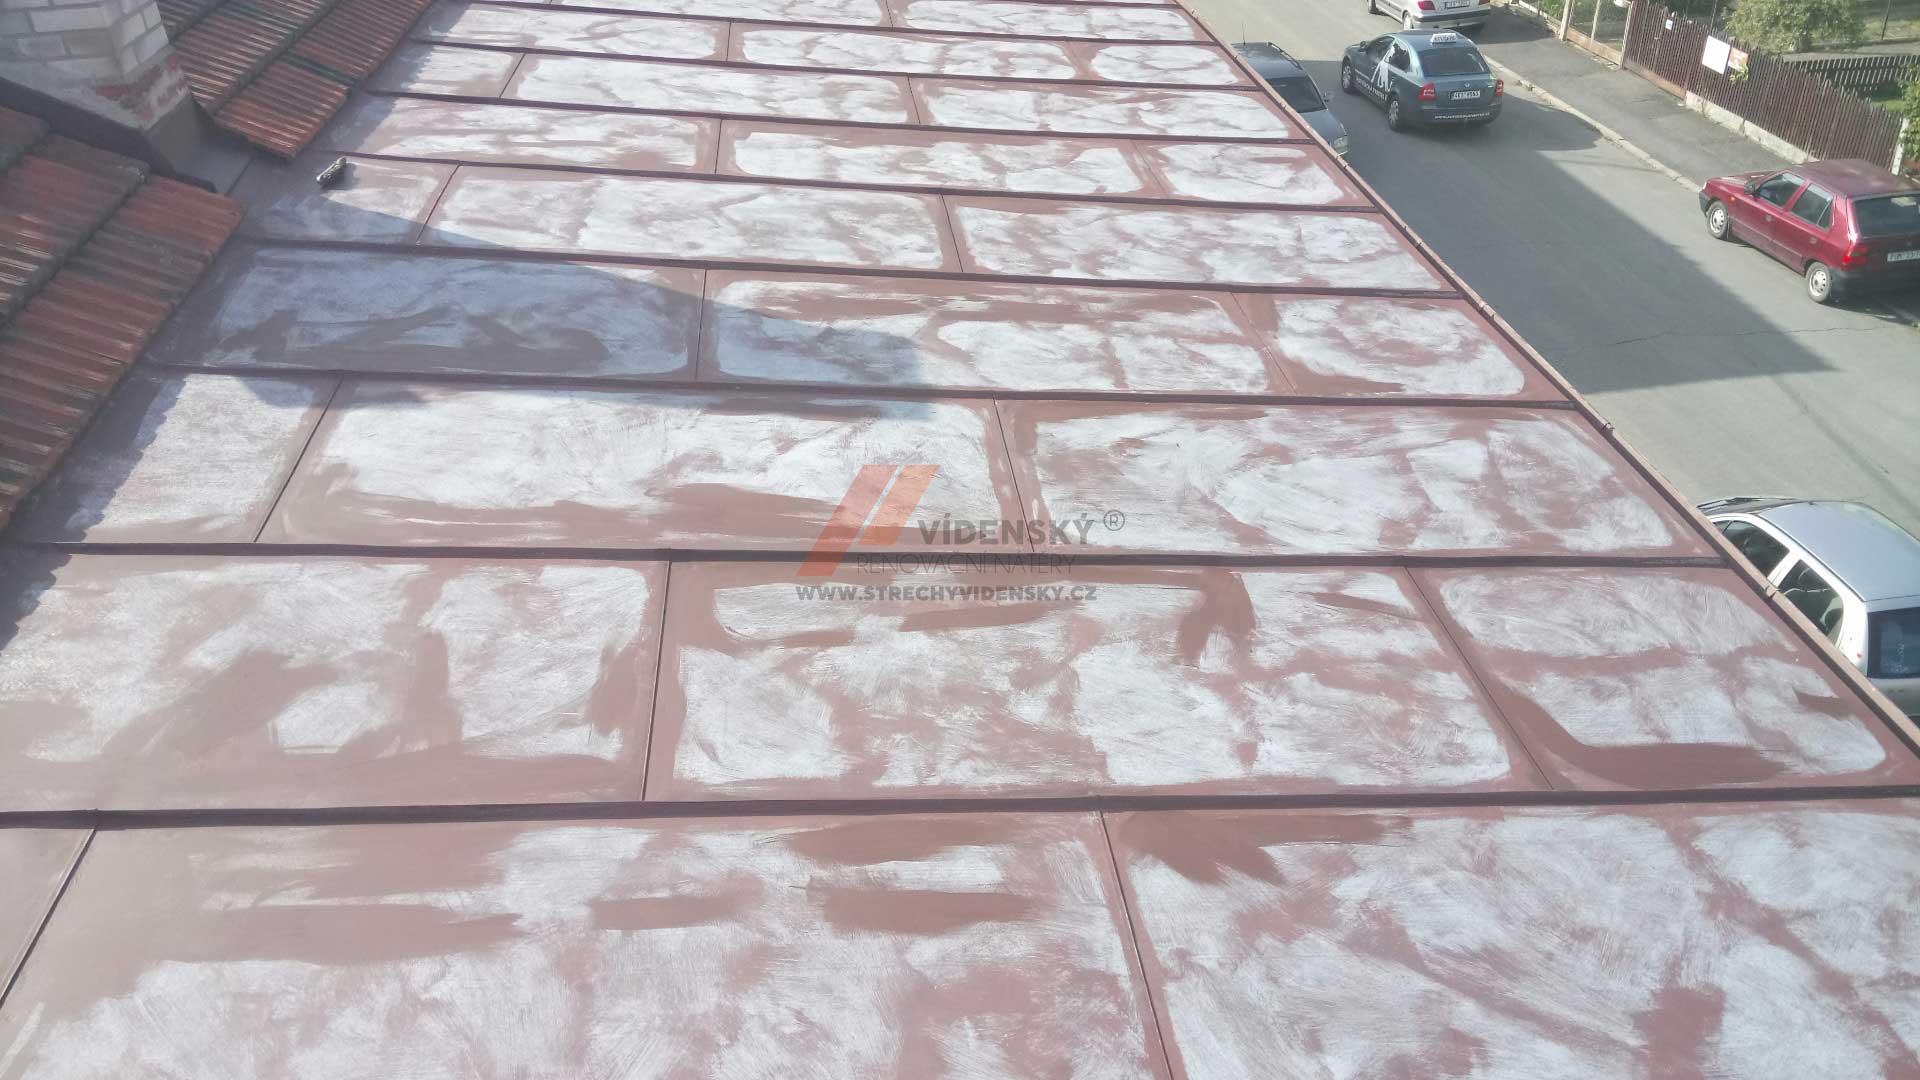 Vídenský | Renovační nátěr plechové střechy 06 - Původní stav